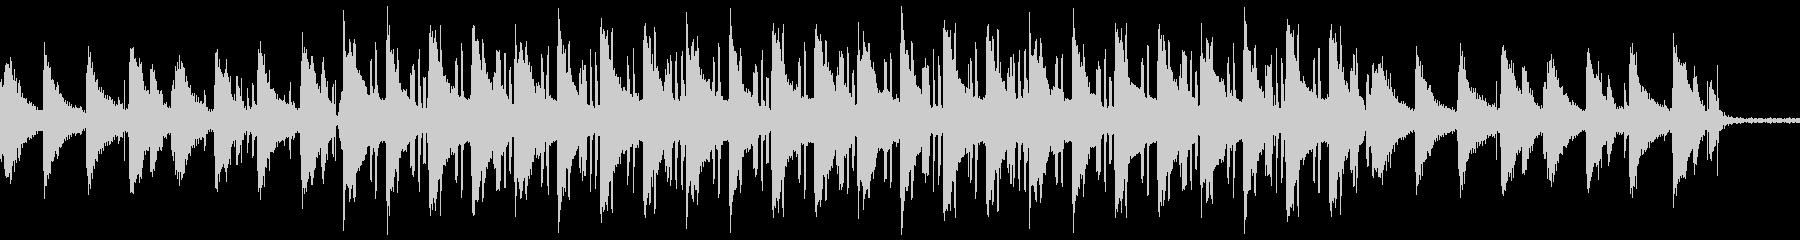 ローファイヒップホップ カフェの未再生の波形